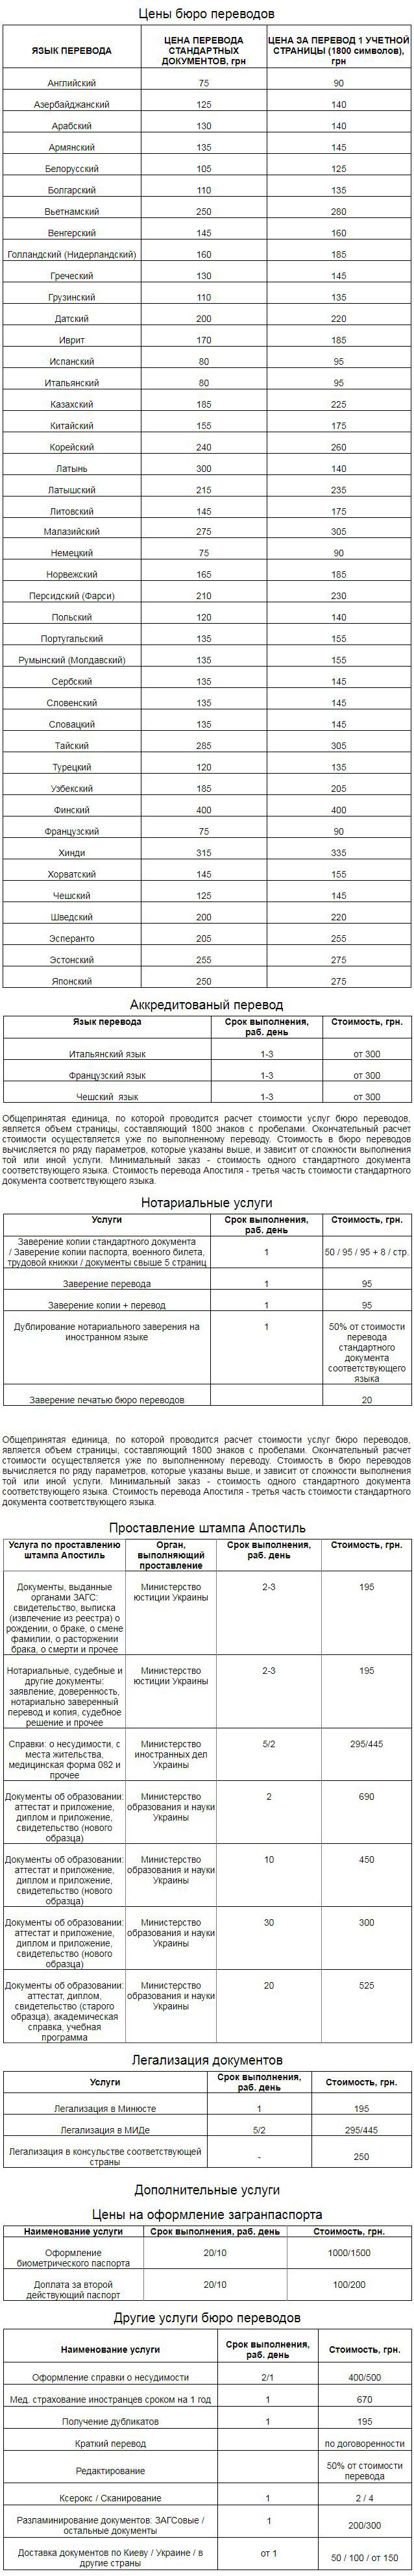 Стоимость переводов в нашем бюро переводов в Киеве